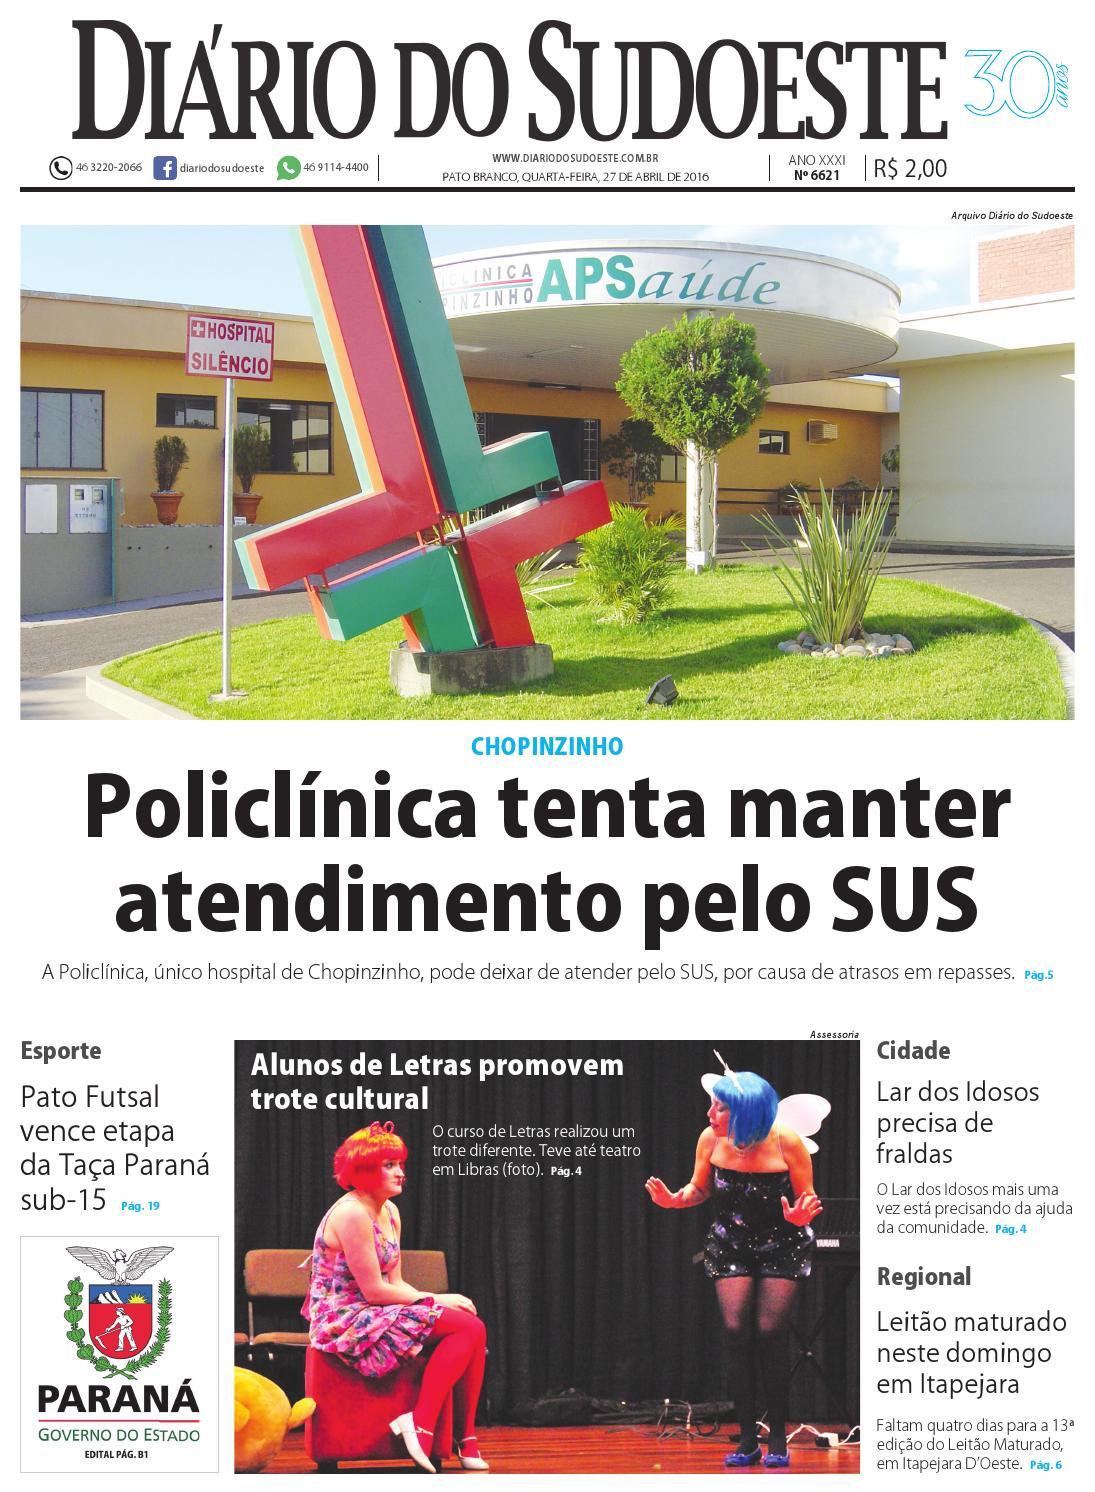 Diário do sudoeste 27 de abril de 2016 ed 6621 by Diário do Sudoeste - issuu f49b6257f92e0